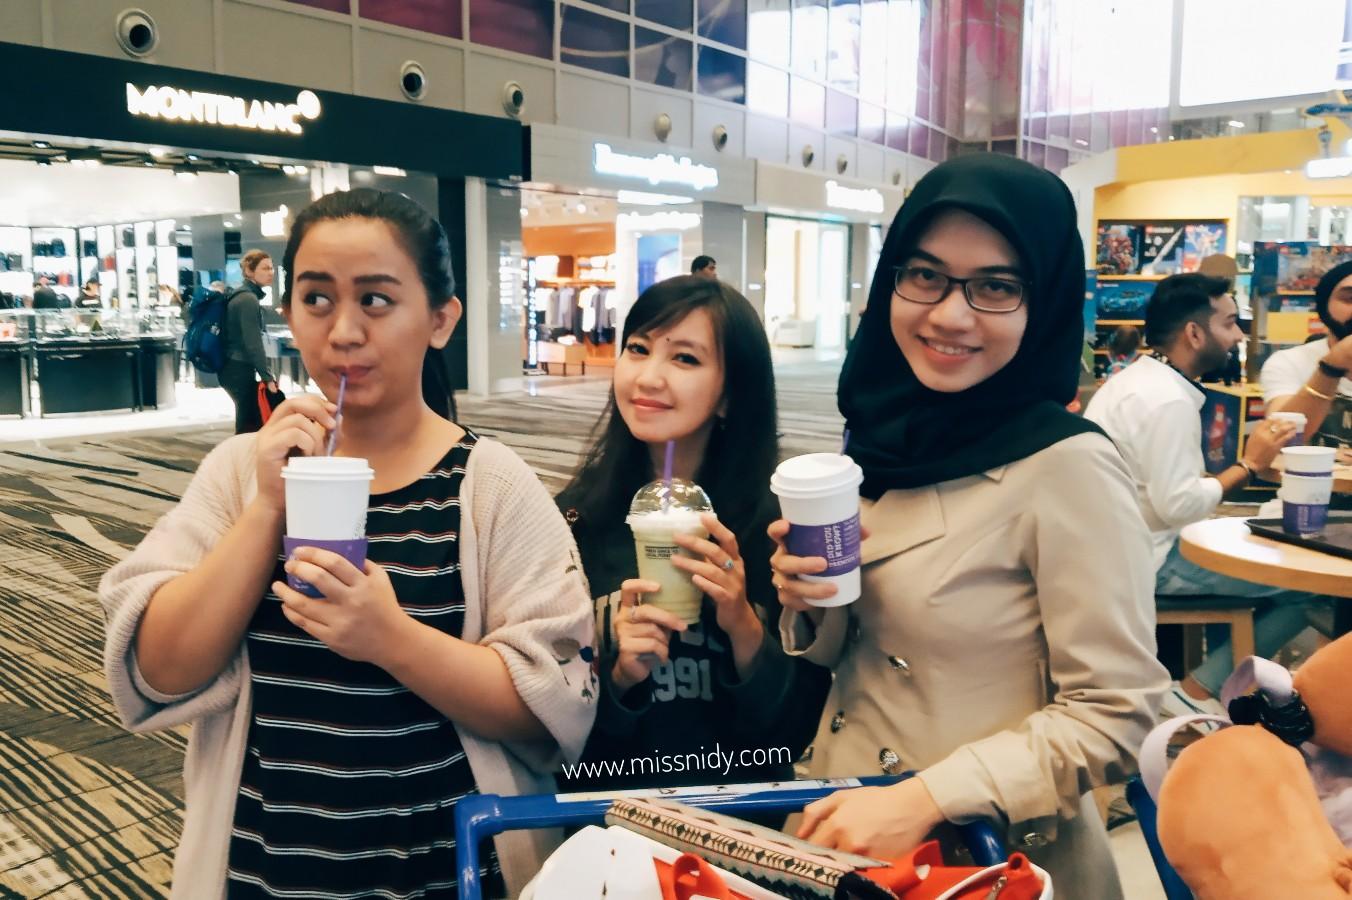 pengalaman transit lama di changi airport singapore